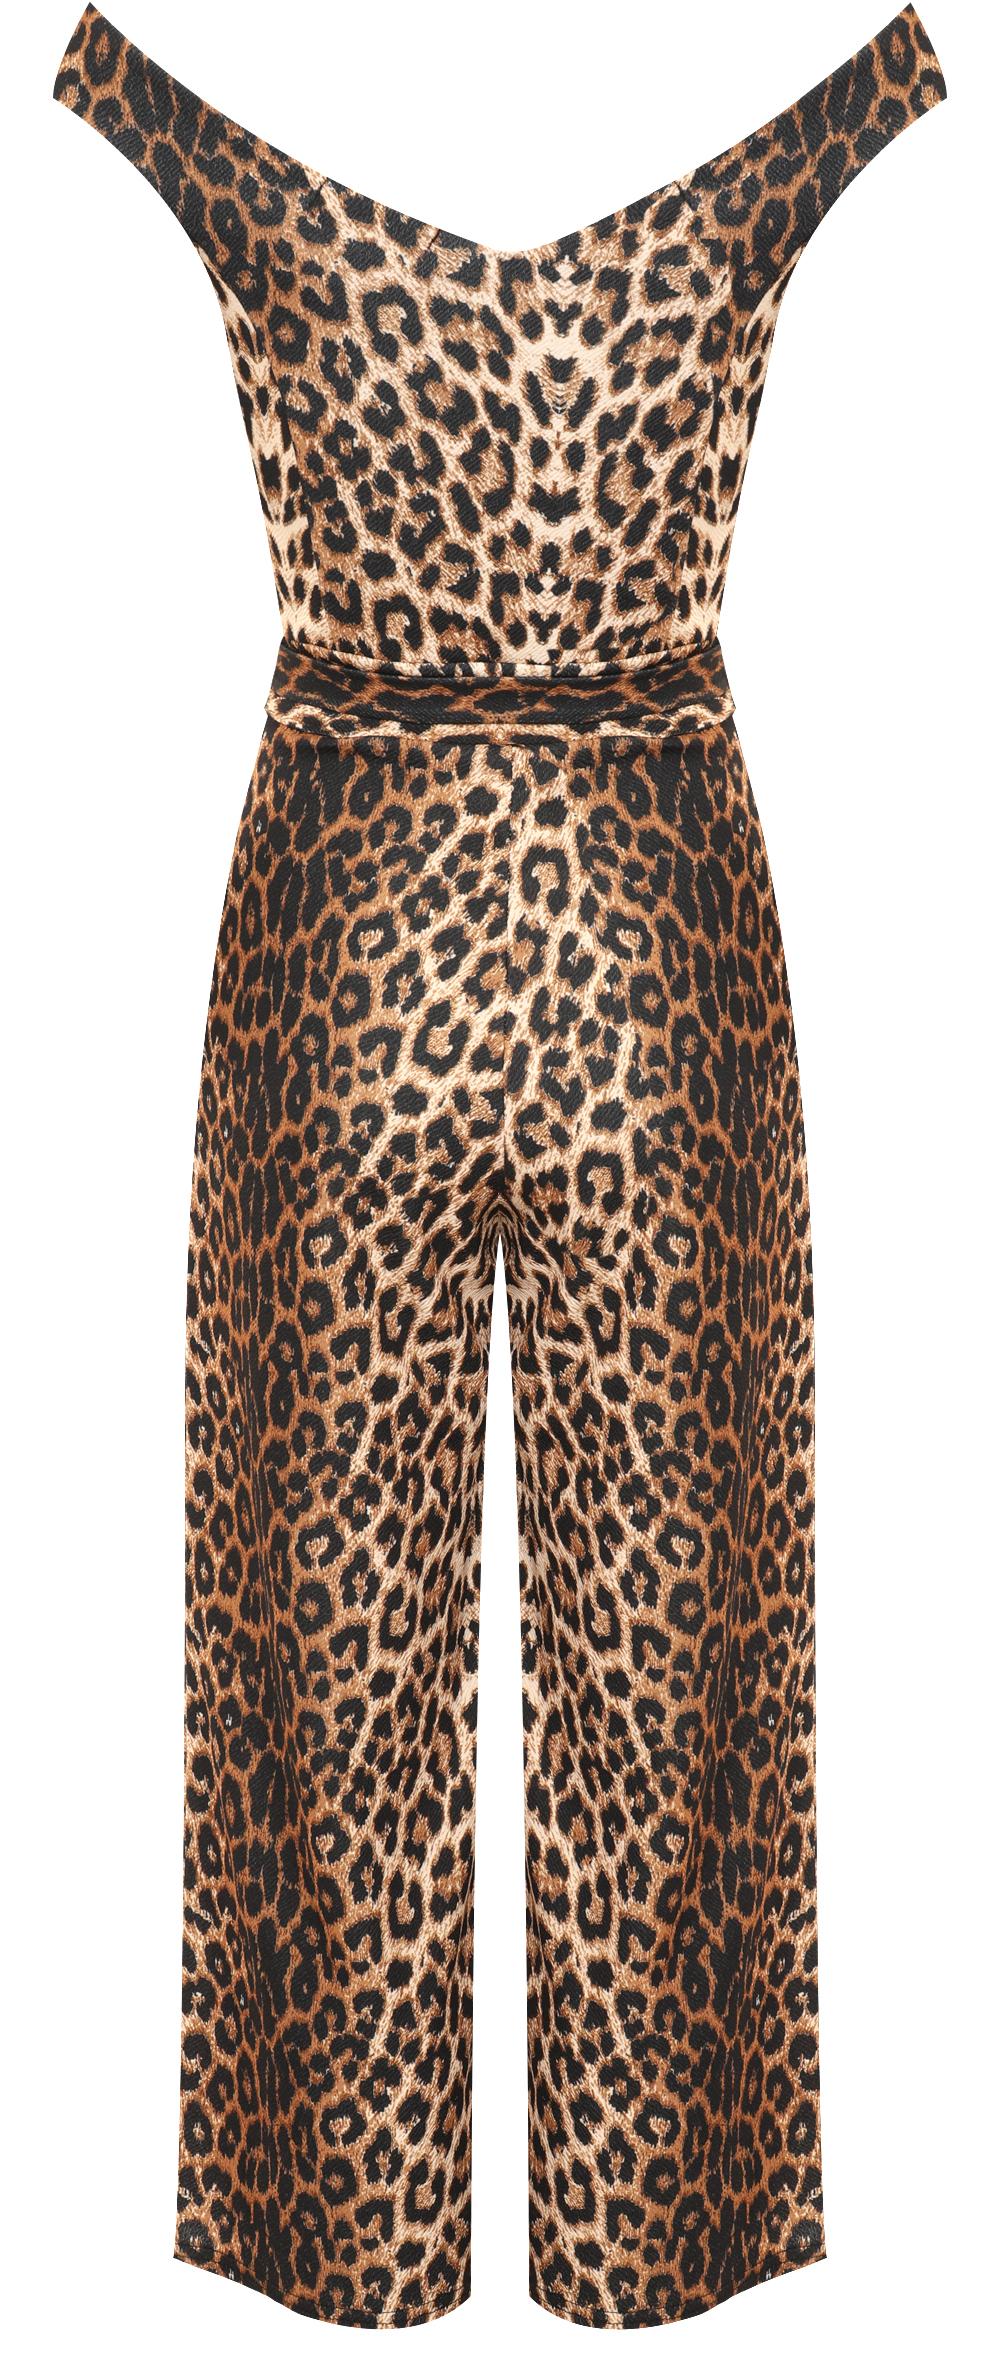 damen weg schulter leopard druck breite bein palazzo jumpsuit hose damen neu ebay. Black Bedroom Furniture Sets. Home Design Ideas